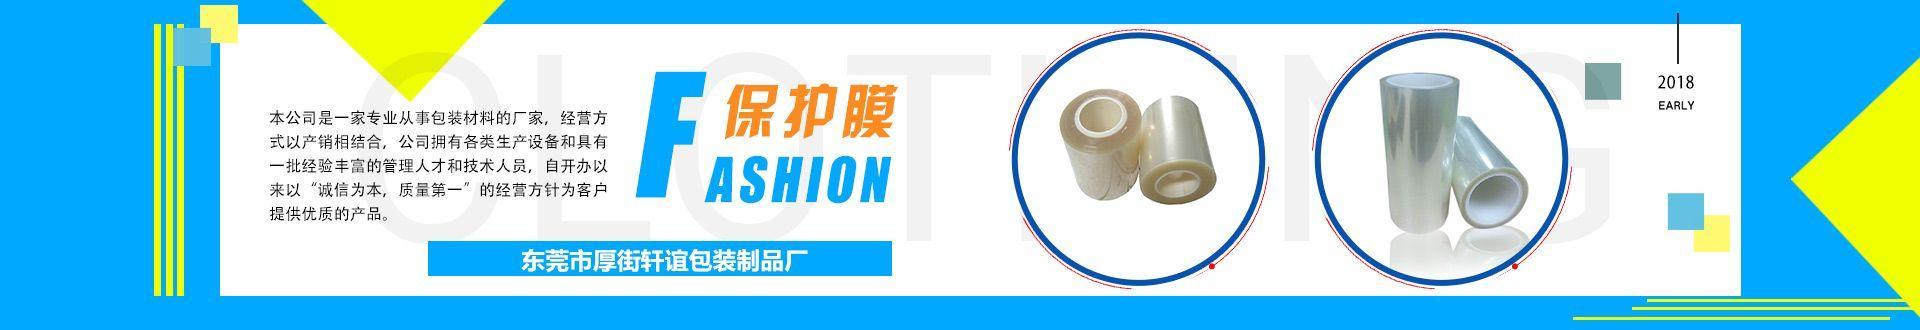 东莞市建达包装材料有限公司